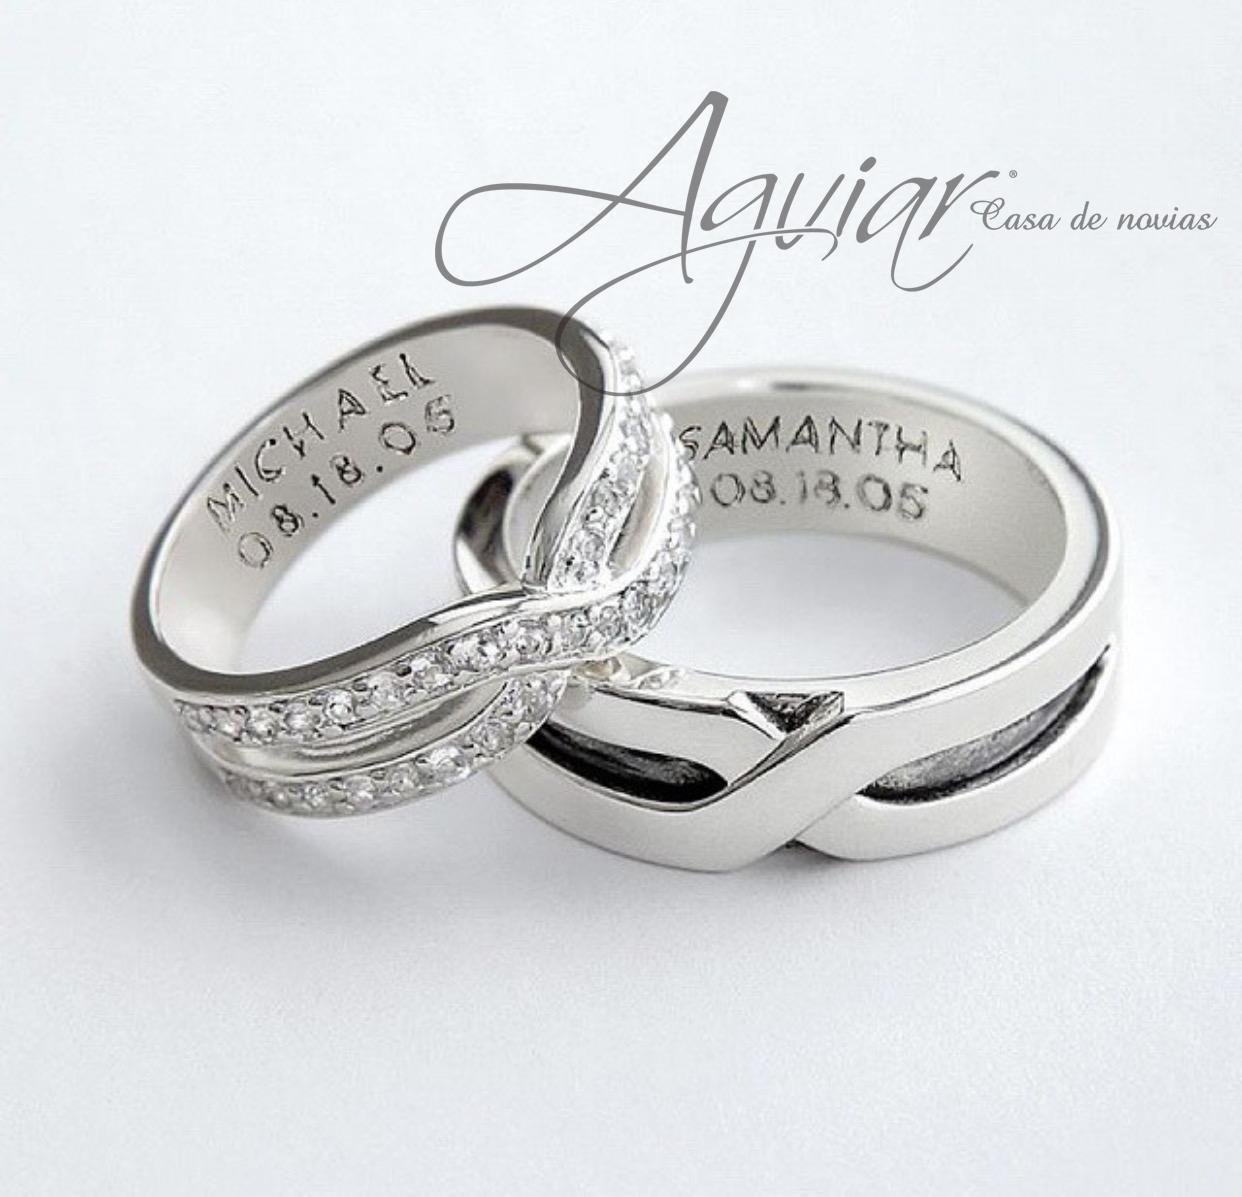 alianzasdematrimonio #aliançasdematrimonio #marriagerings ...